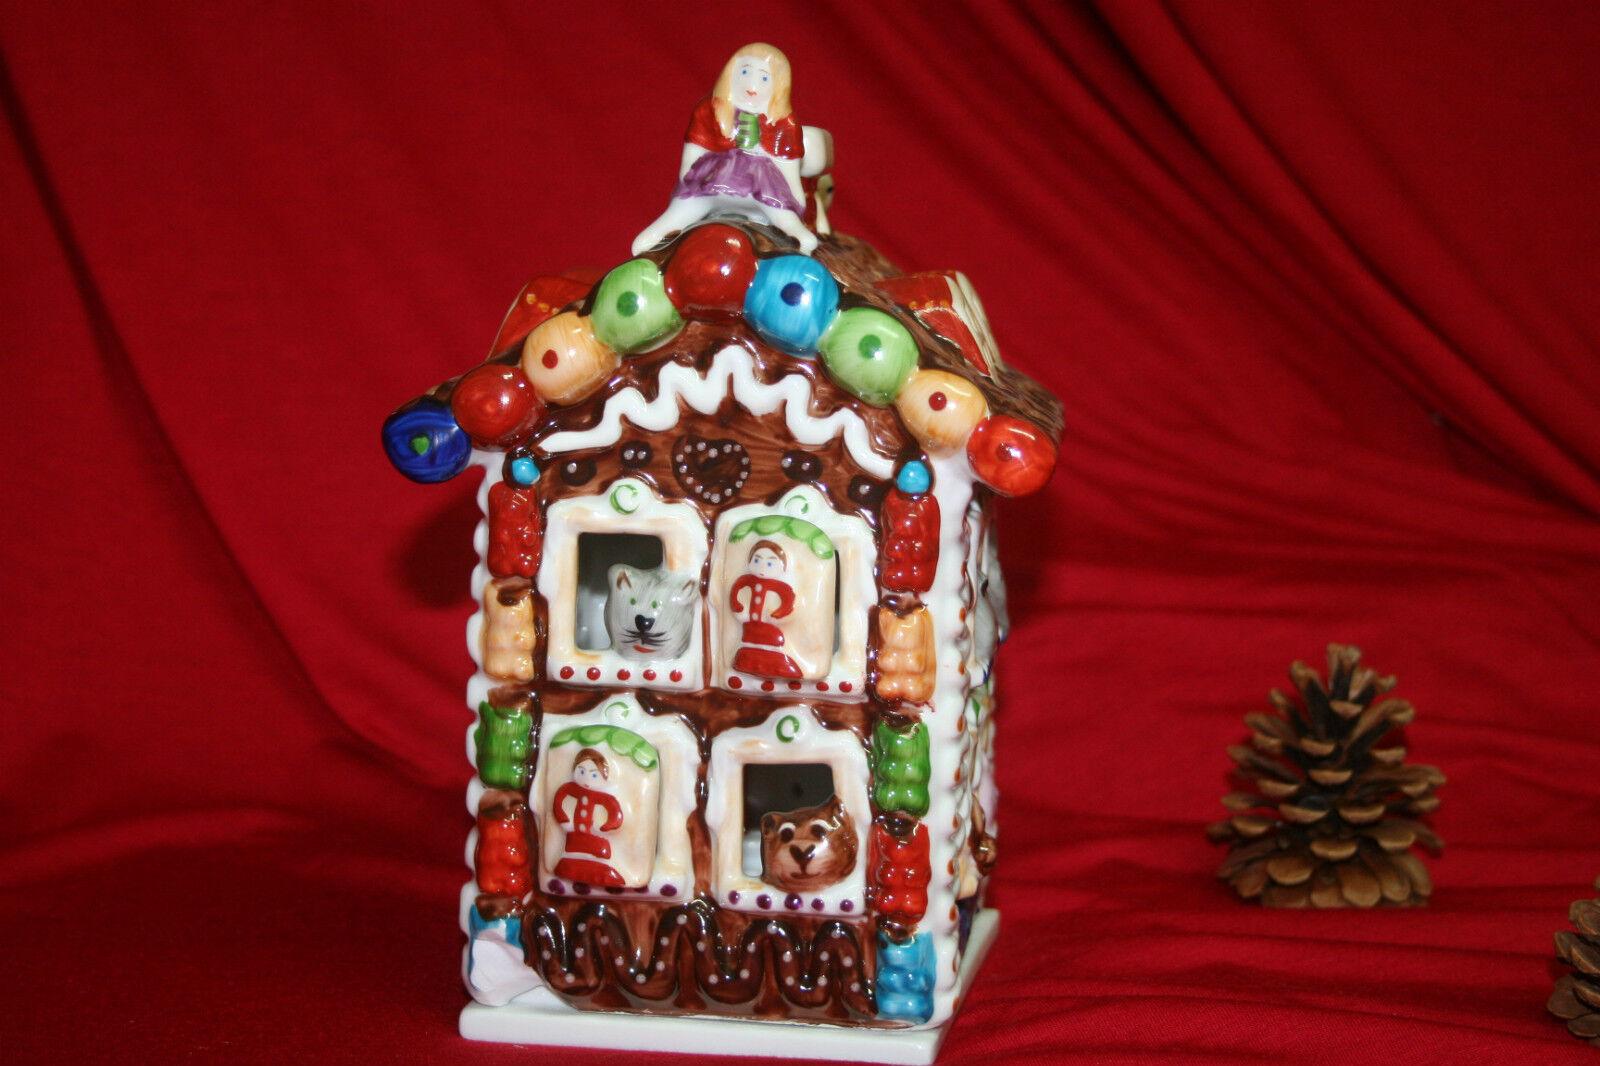 Maison de poupée villeroy & boch German Christmas